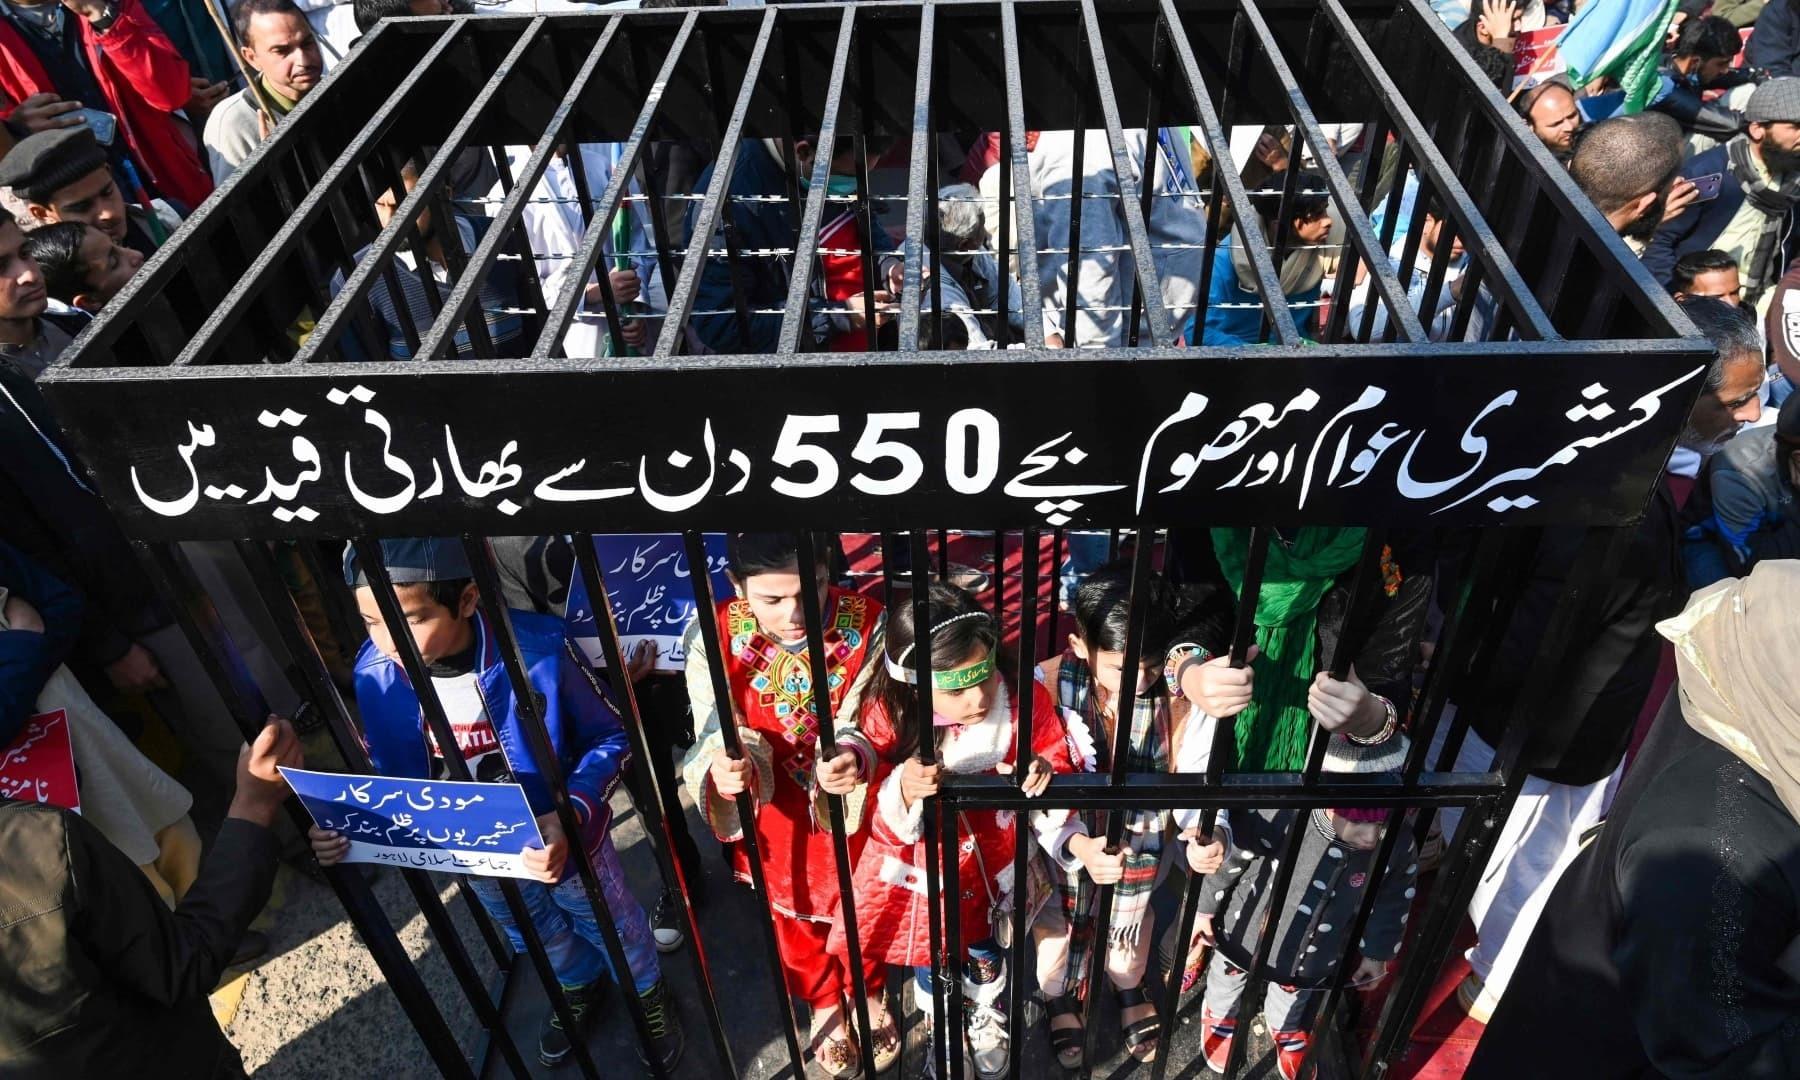 لاہور میں جماعت اسلامی کی جانب سے نکالی گئی ریلی میں بچے بھی شریک تھے—فوٹو: اے ایف پی